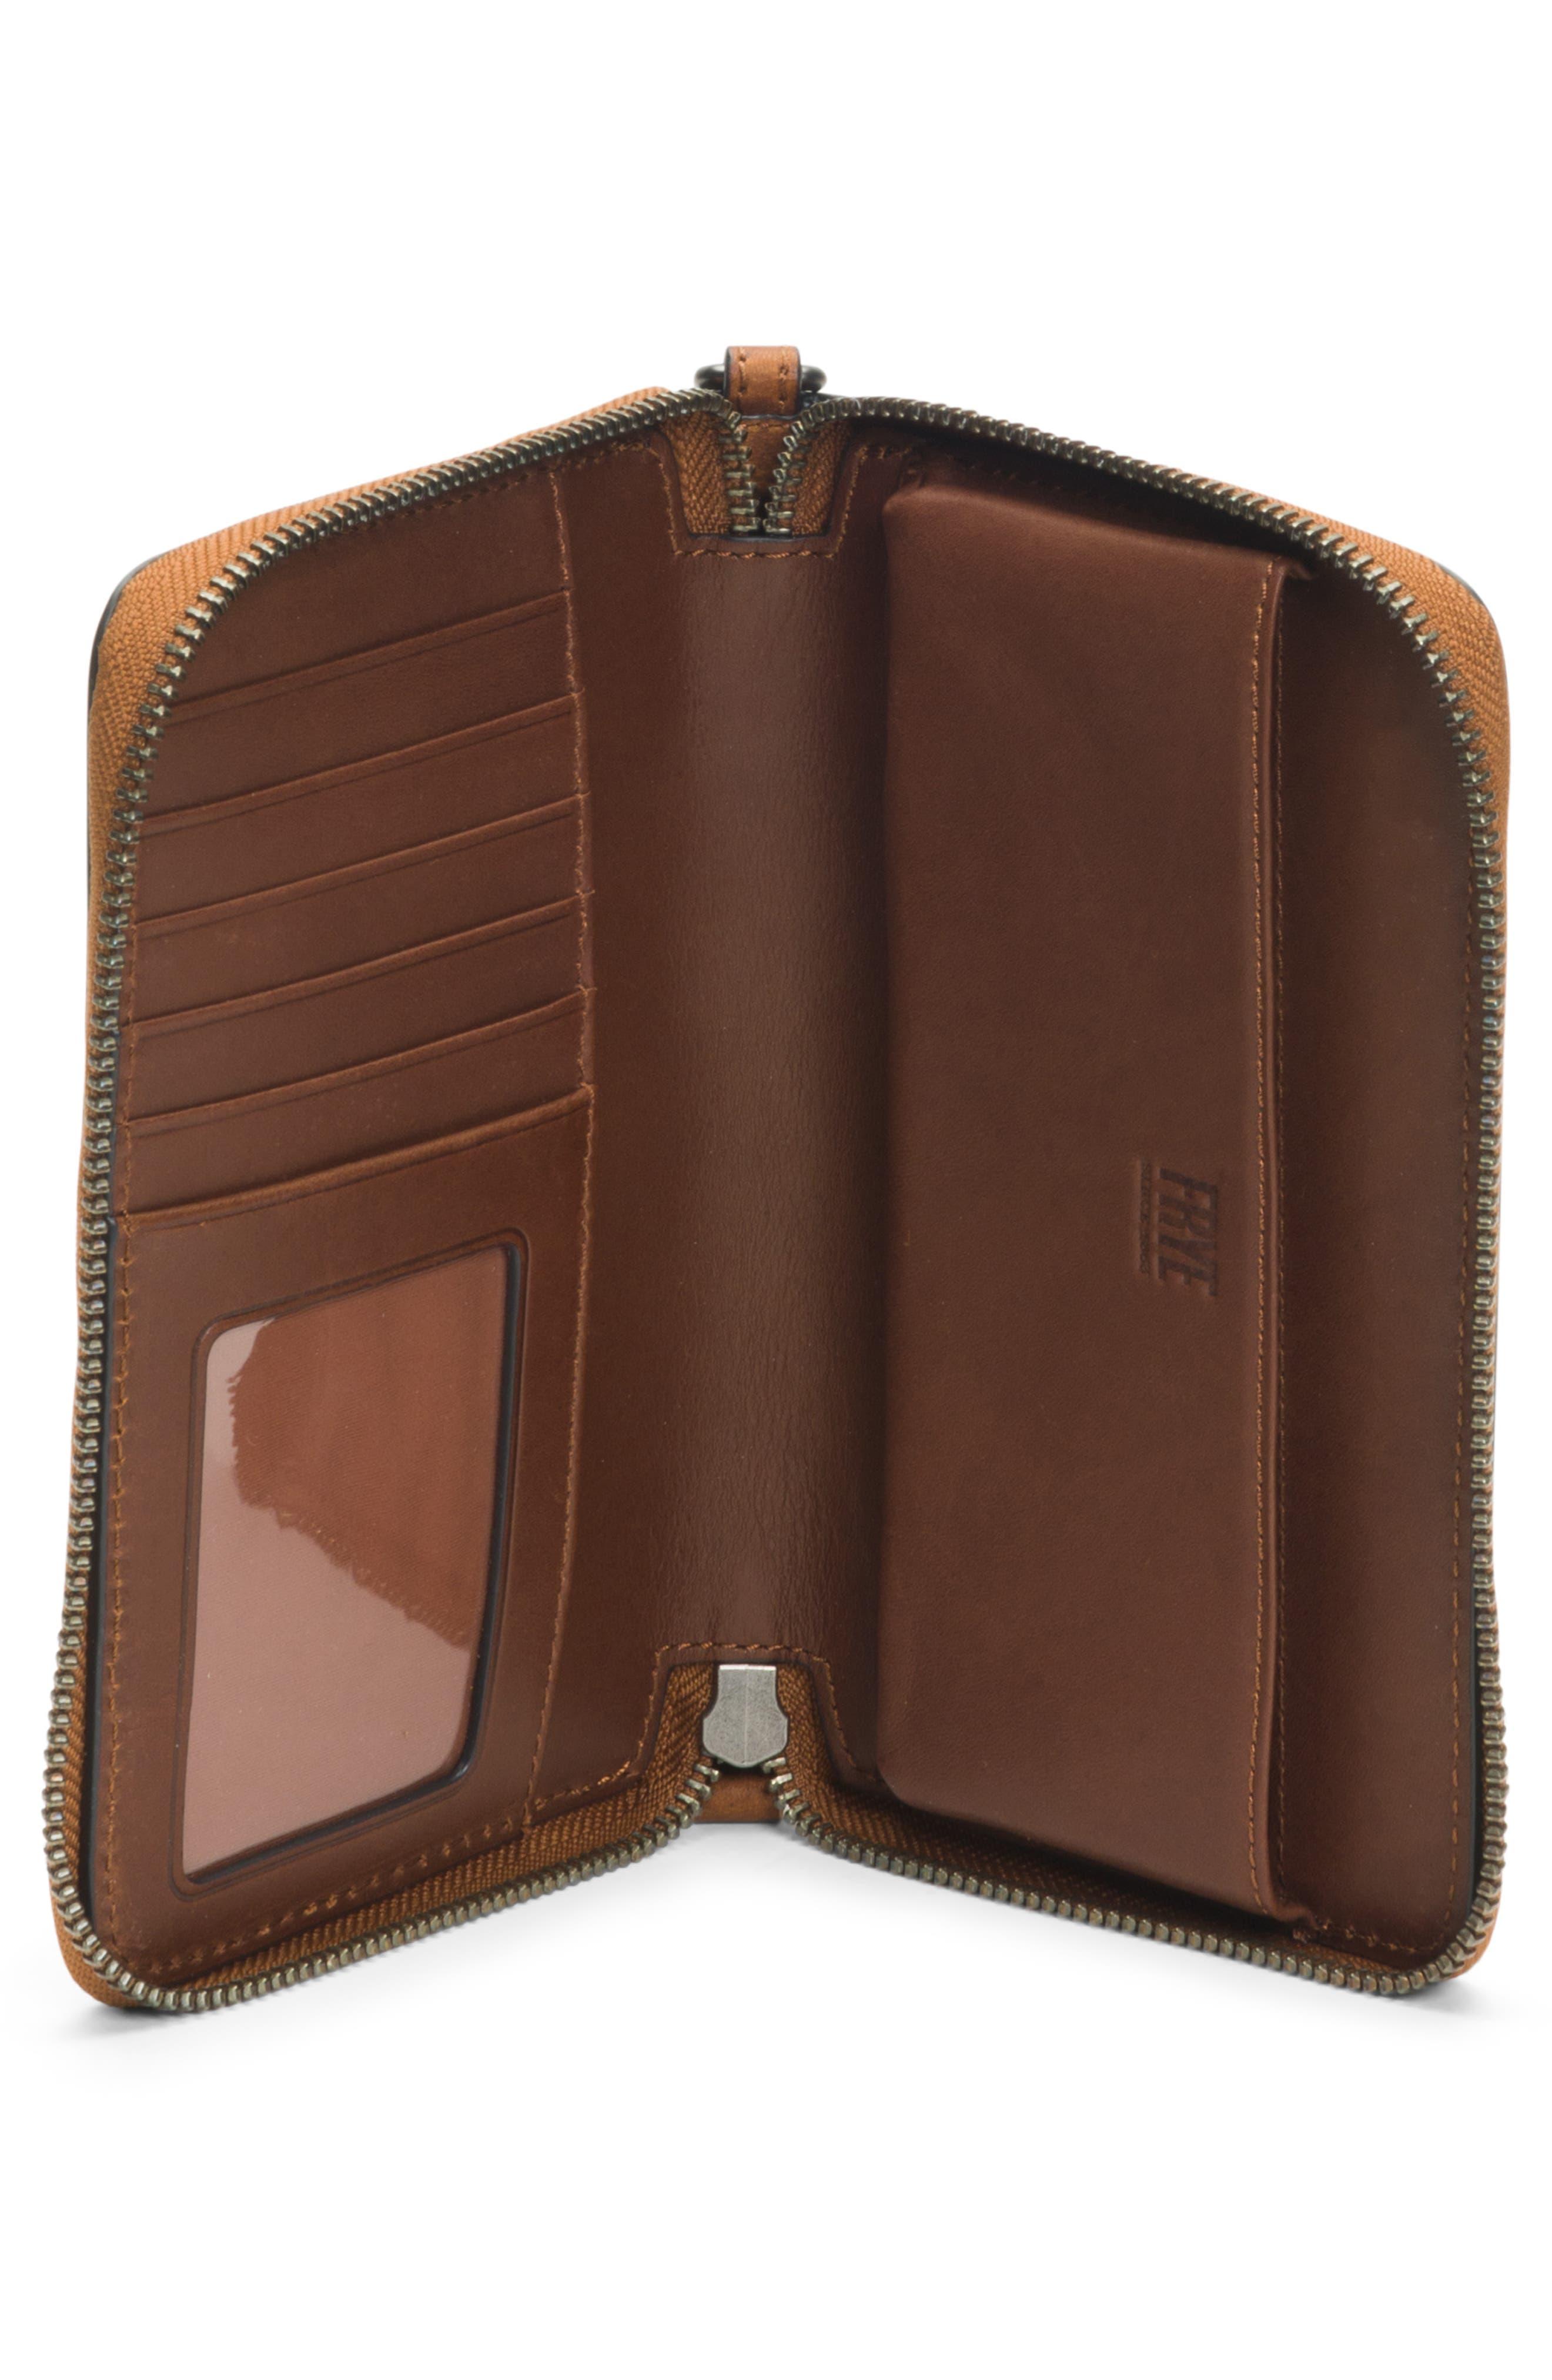 Melissa Large Leather Phone Wallet,                             Alternate thumbnail 4, color,                             COGNAC